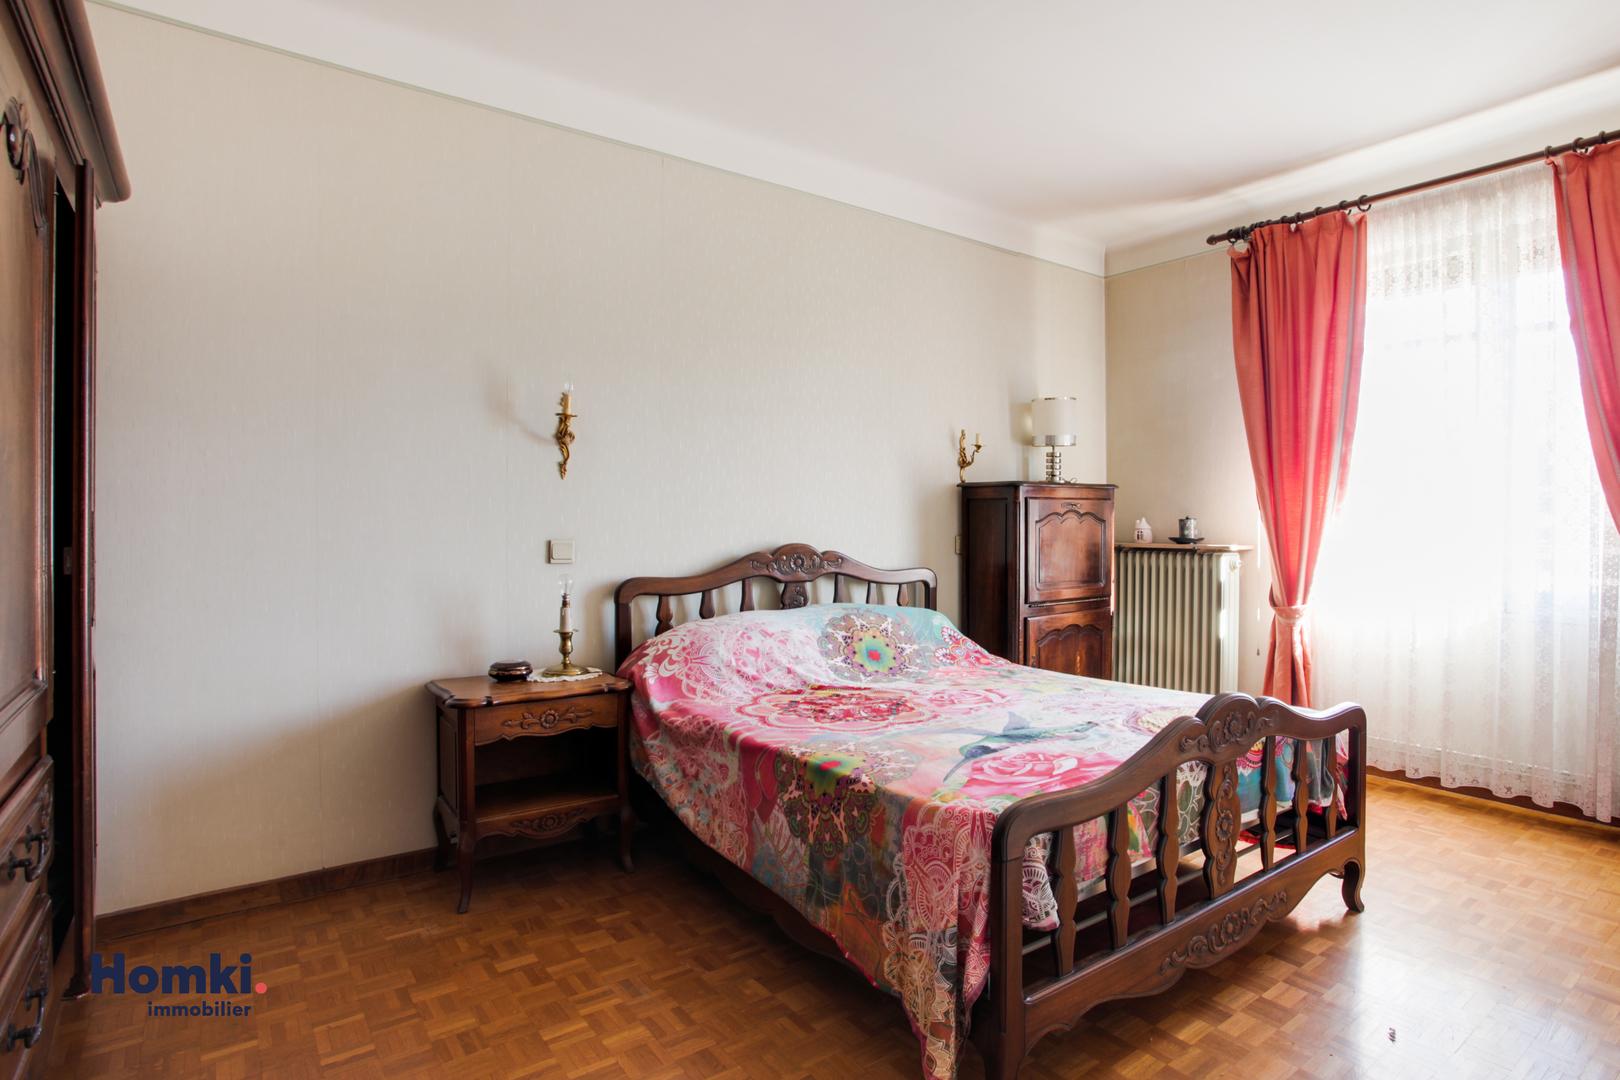 Vente Appartement 86 m² T4 13005_6